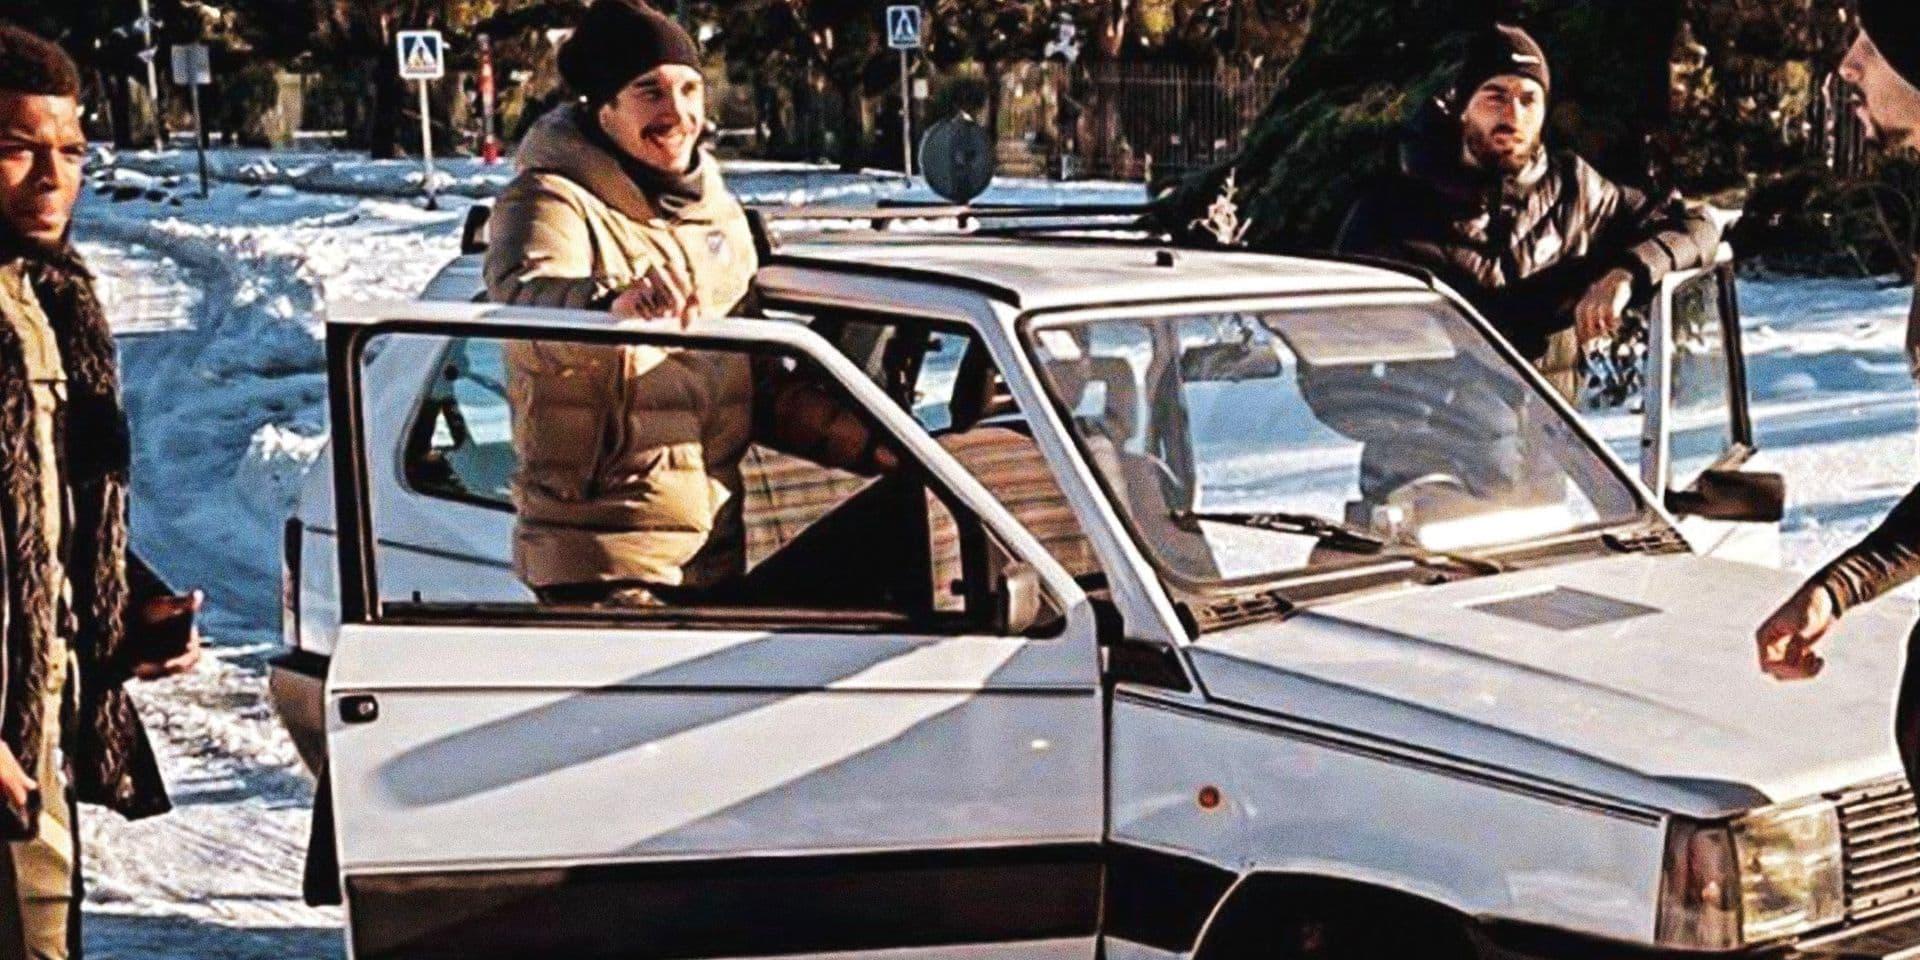 Carrasco et trois coéquipiers se rendent à l'entrainement... en Fiat Panda